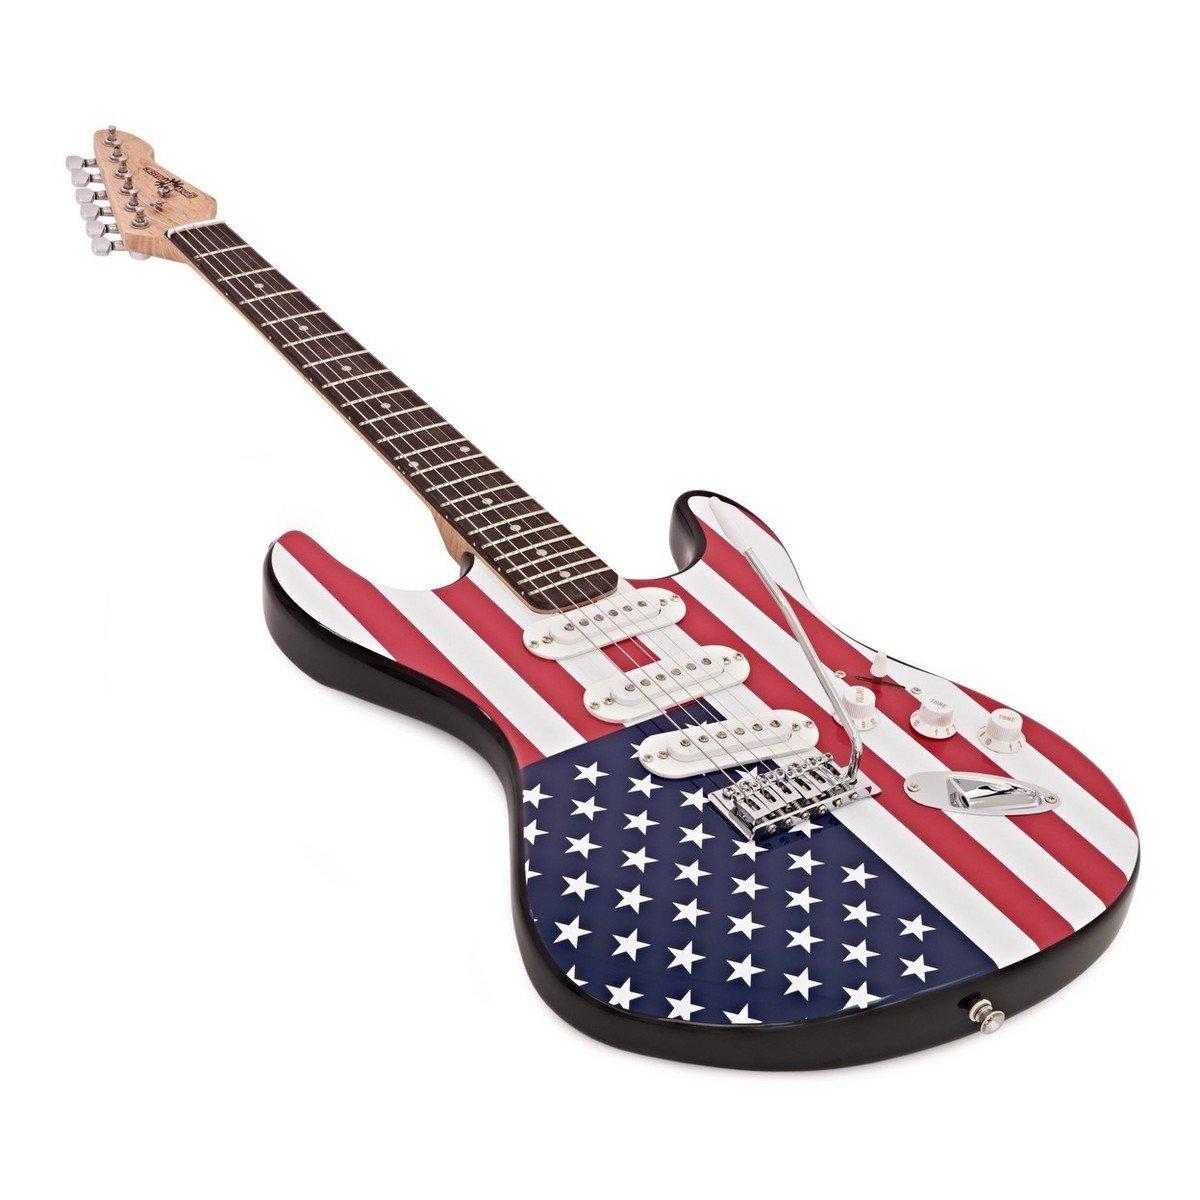 Guitarra Eléctrica LA + Pack Completo - Barras y Estrellas: Amazon.es: Instrumentos musicales